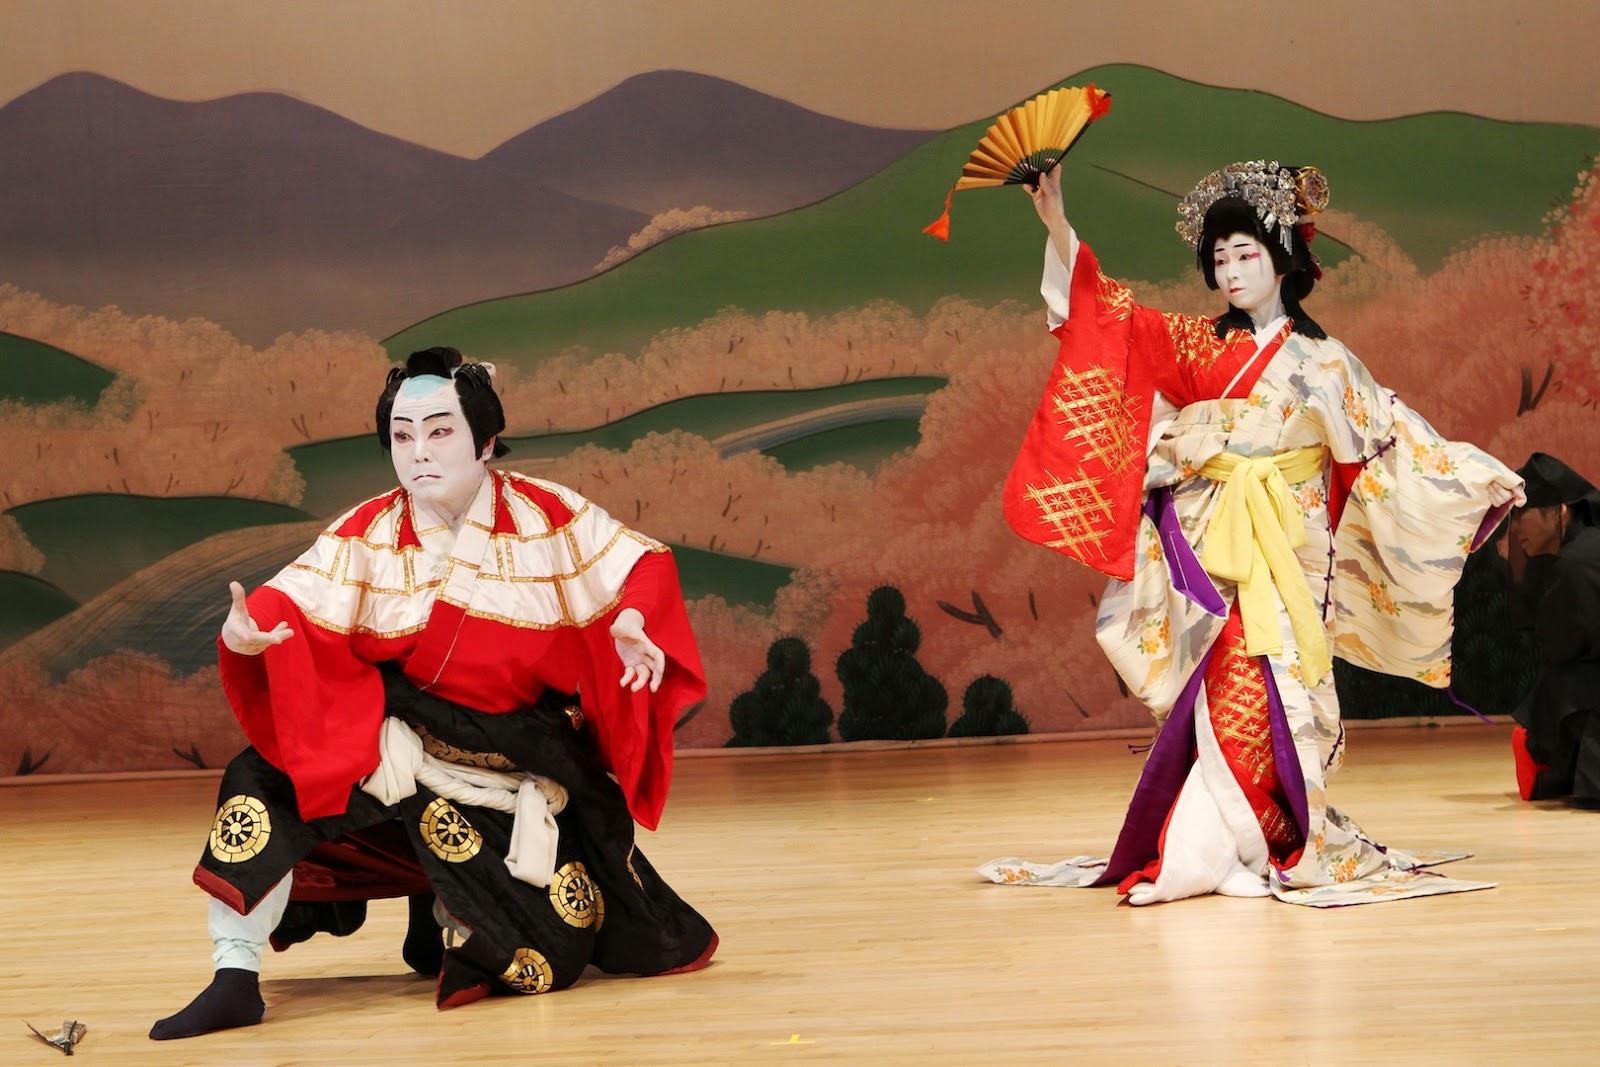 Kobieta i meżczyzna w tradycyjnych japońskich strojach